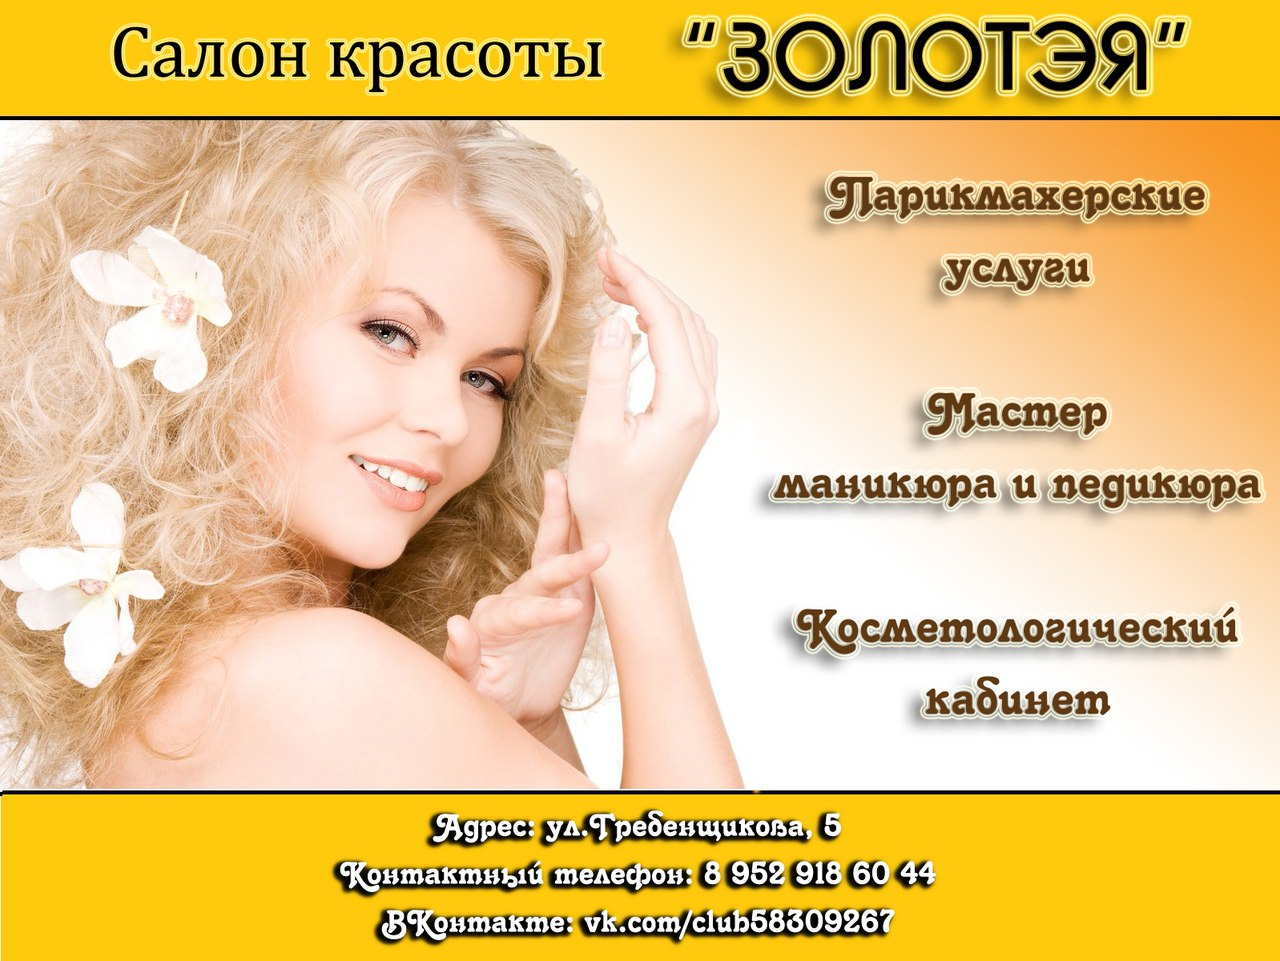 Поздравления от салона красоты